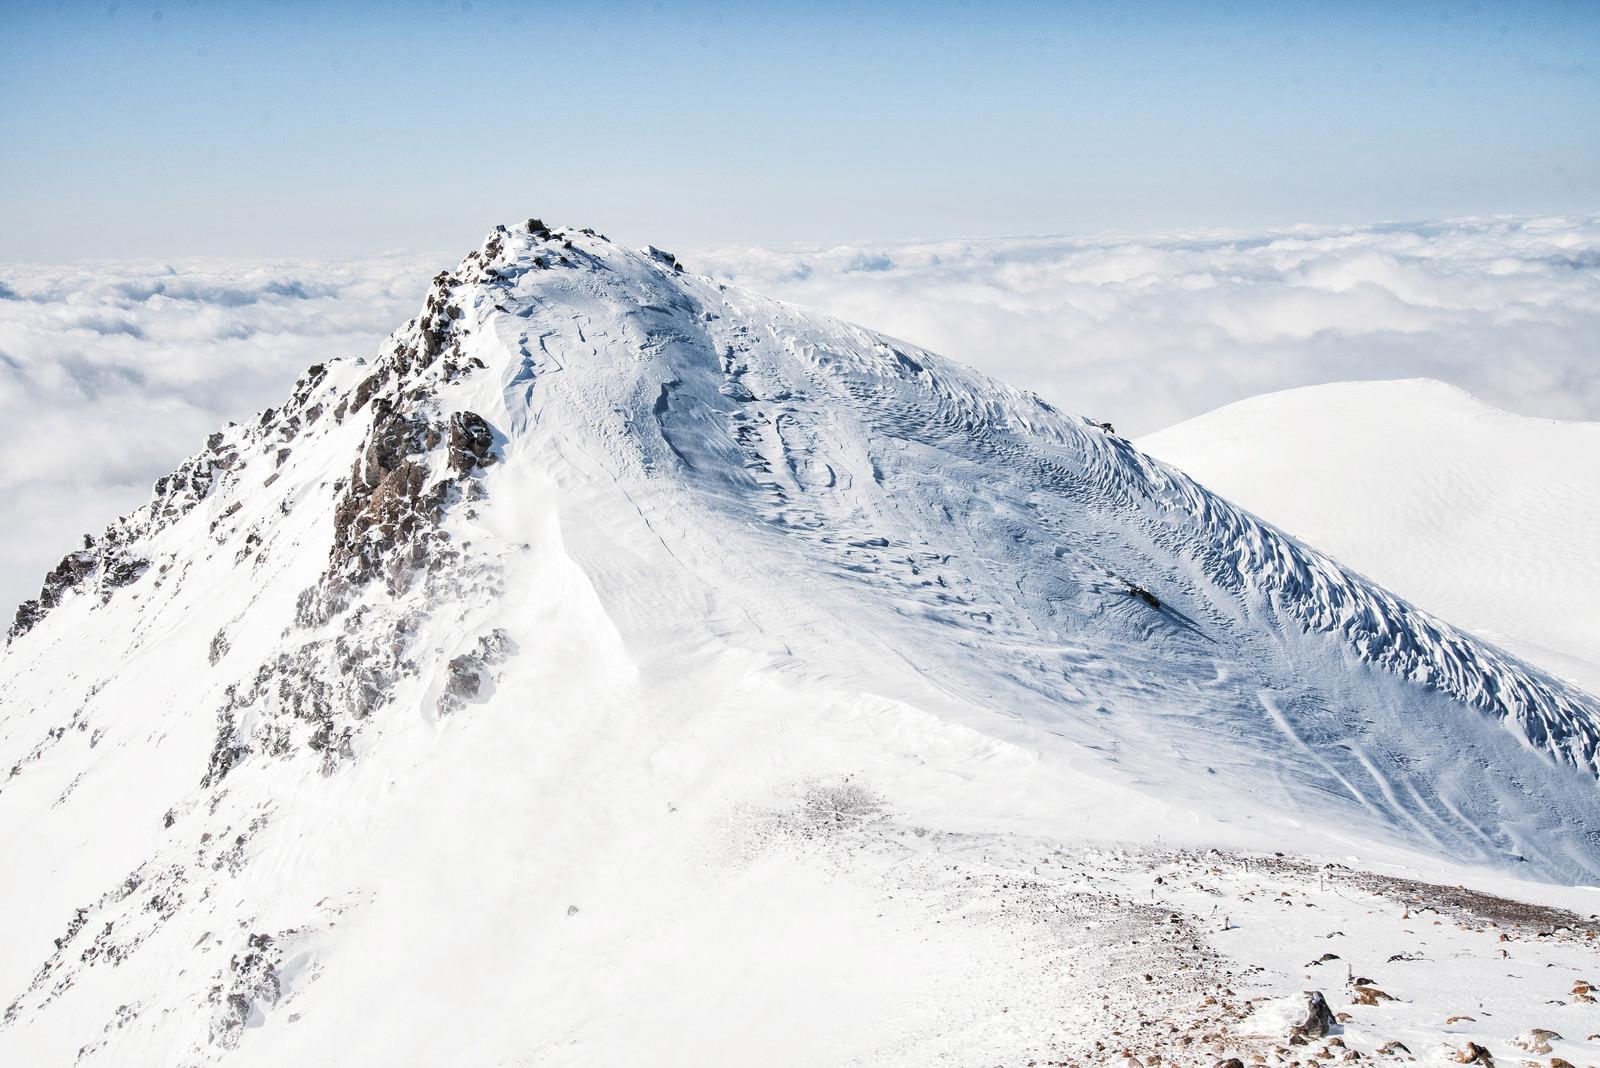 「冬の朝日岳(北アルプス)」の写真